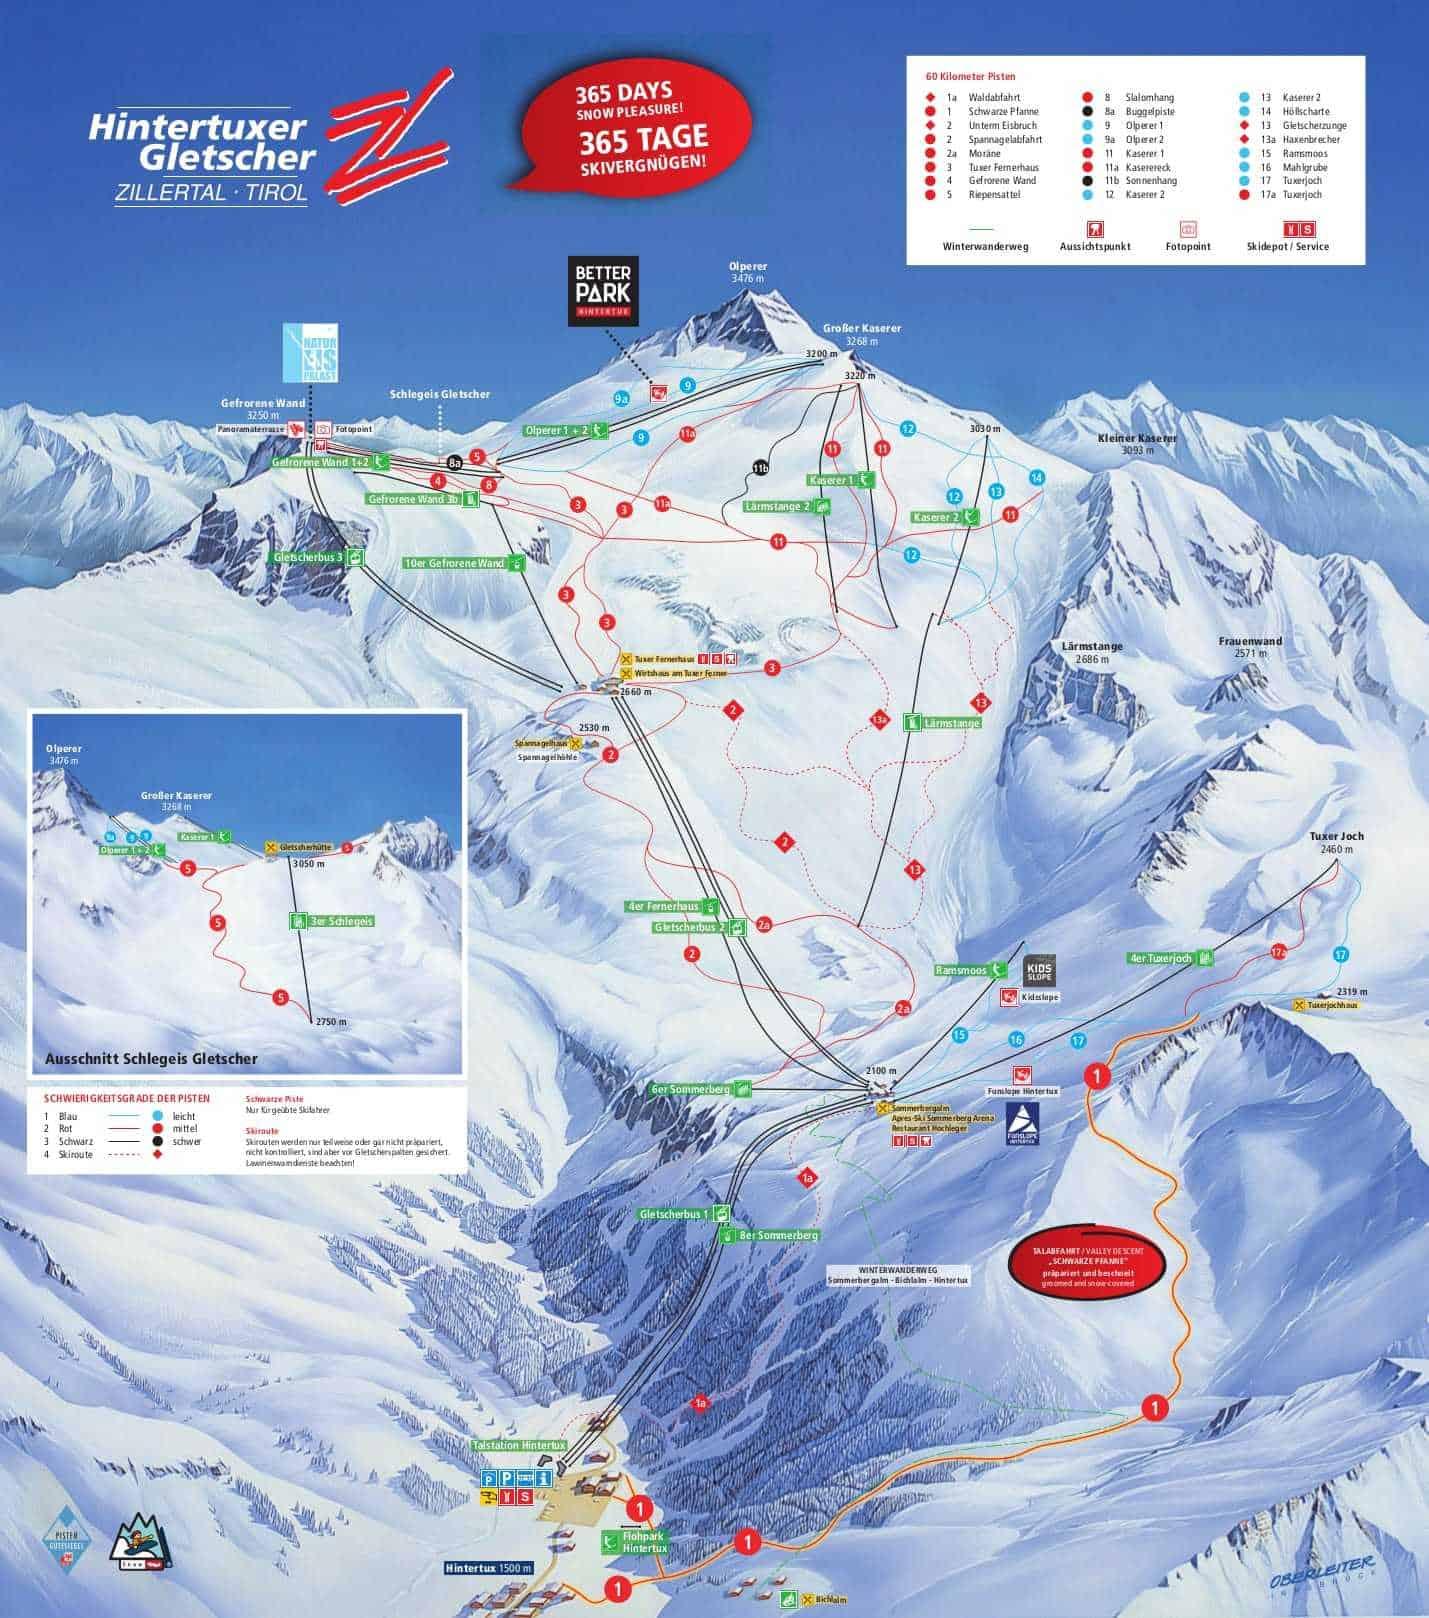 Hintertuxer Gletsjer JPG optimized